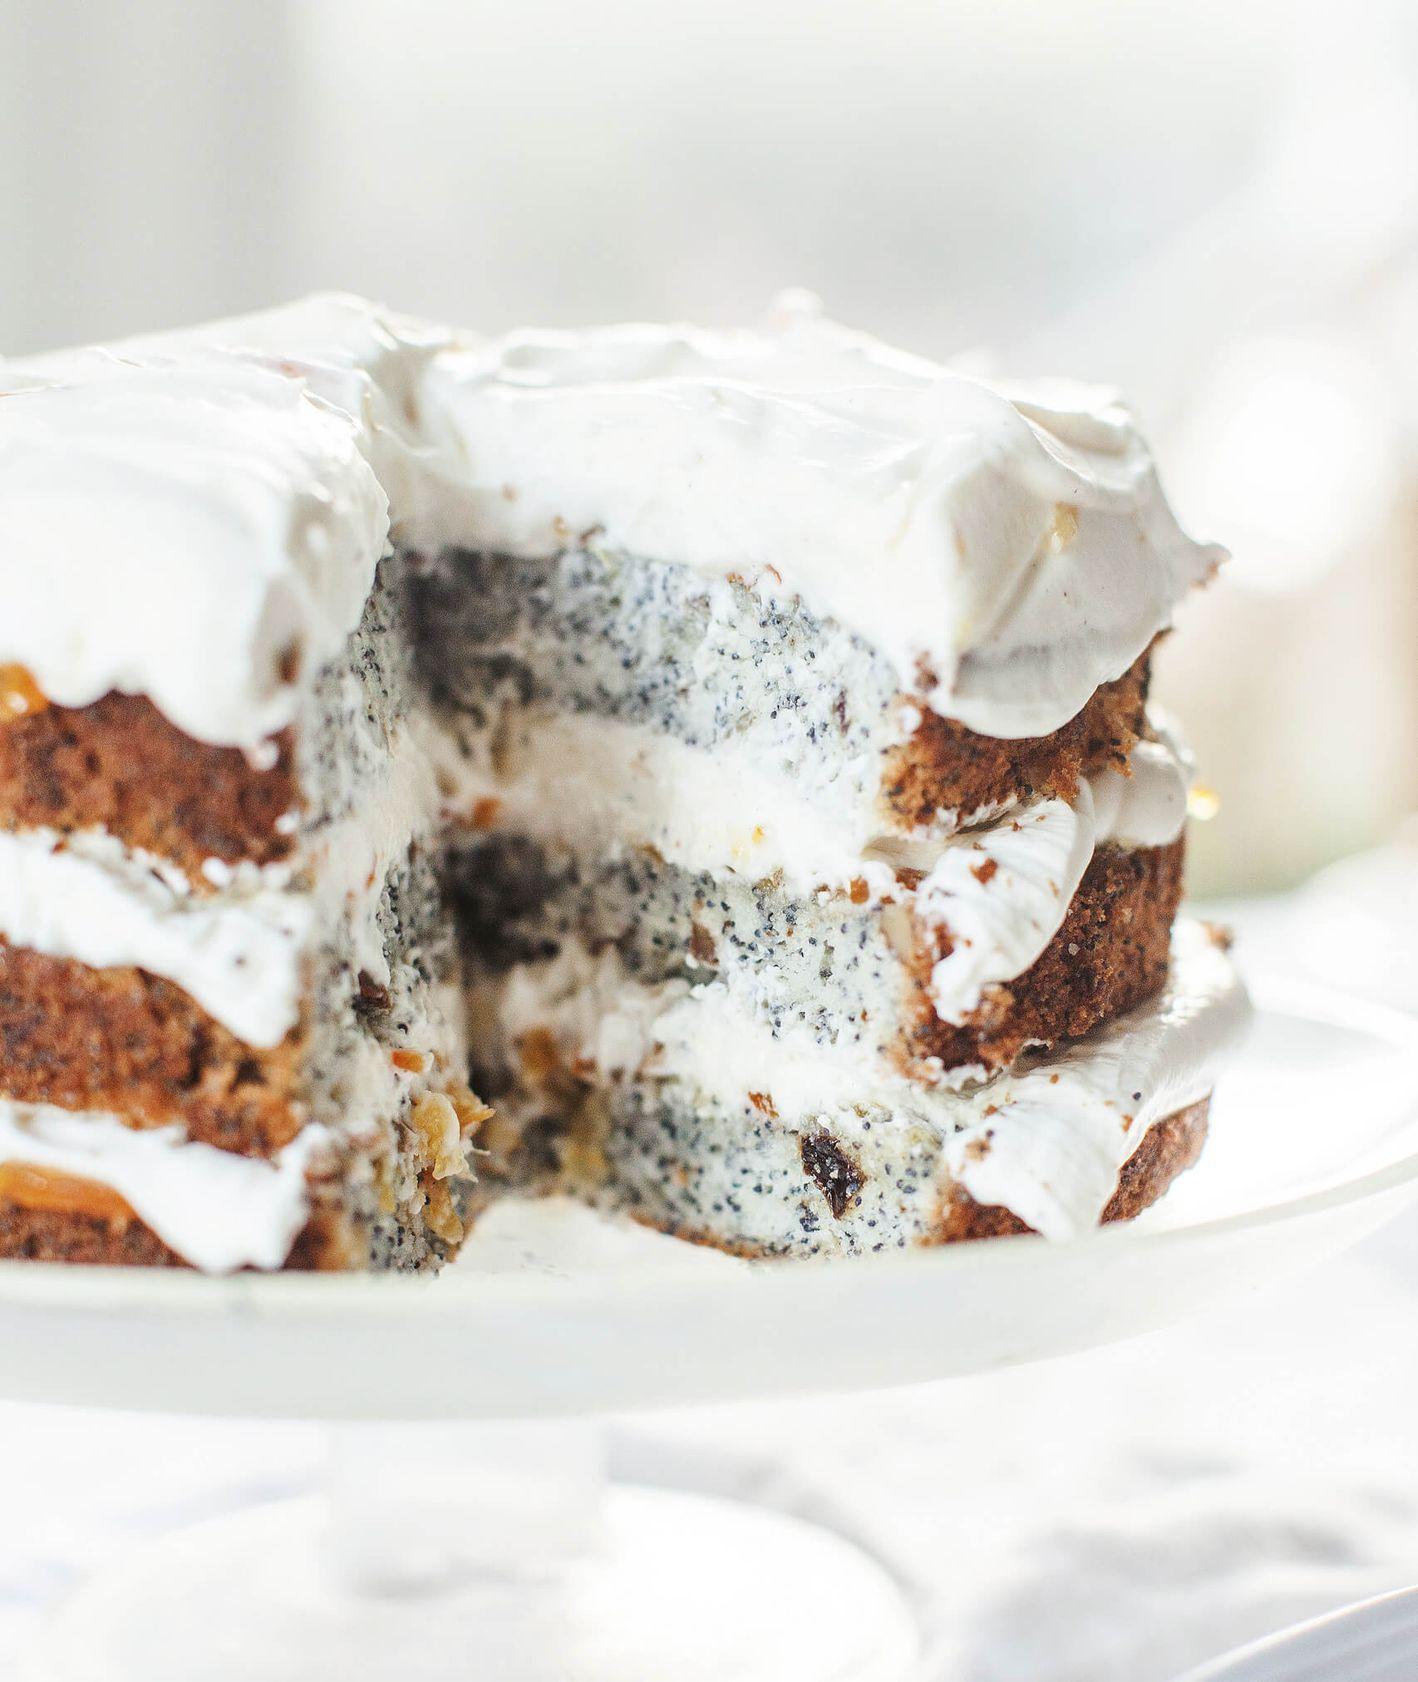 Tort kutia na święta z konfiturą pomarańczową (fot. Monika Walecka)